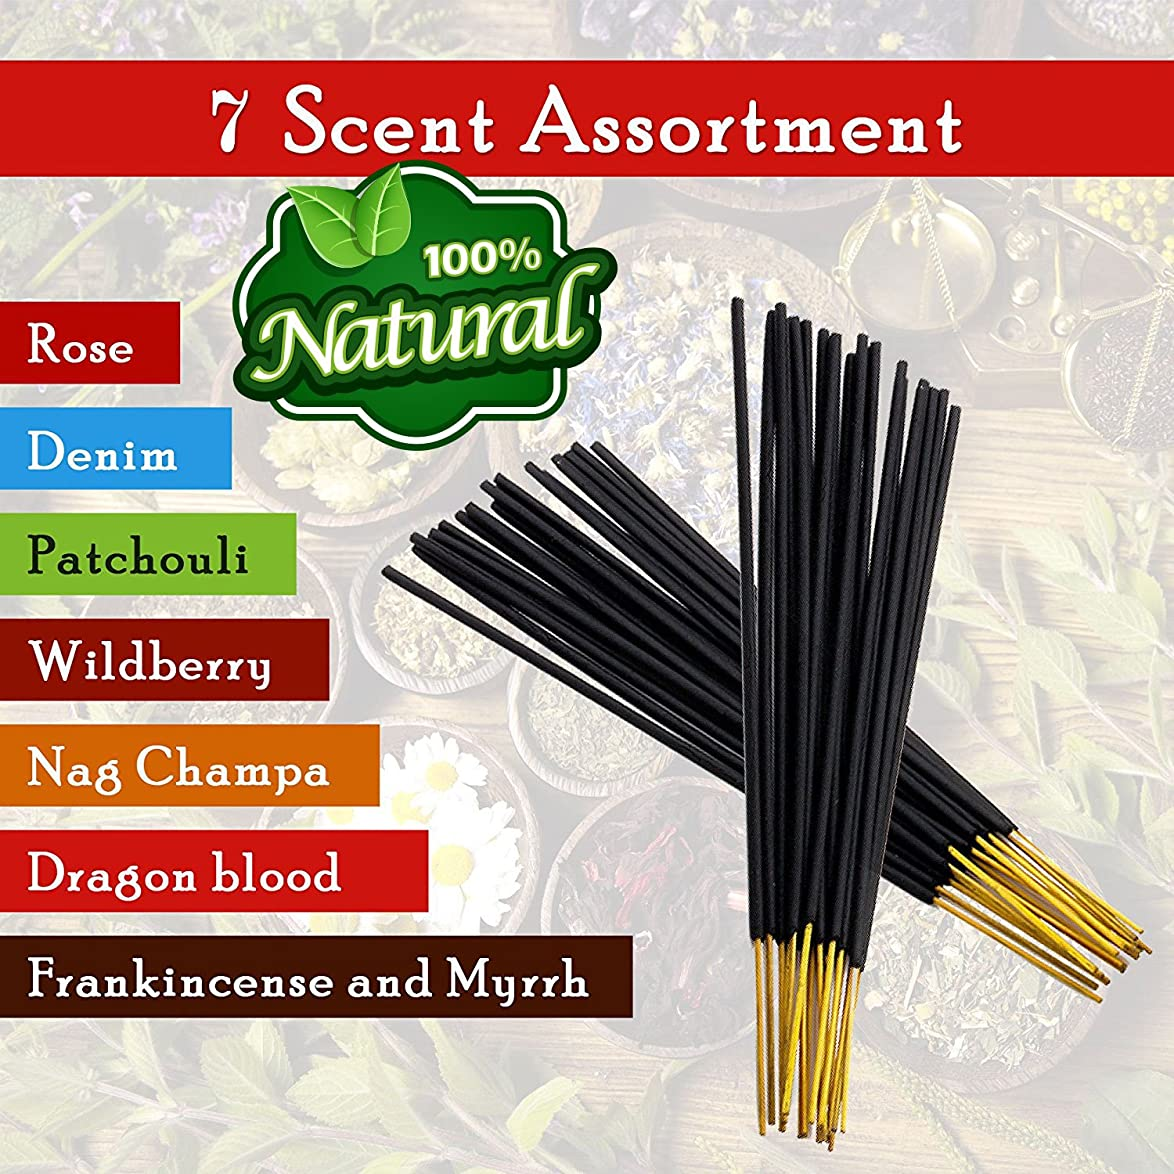 少ないどっち明確に7-assorted-scents-Frankincense-and-Myrrh-Patchouli-Denim-Rose Dragon-blood-Nag-champa-Wildberry 100%-Natural-Incense-Sticks Handmade-Hand-Dipped The-best-140-pack-20-Sticks-each-fragrance